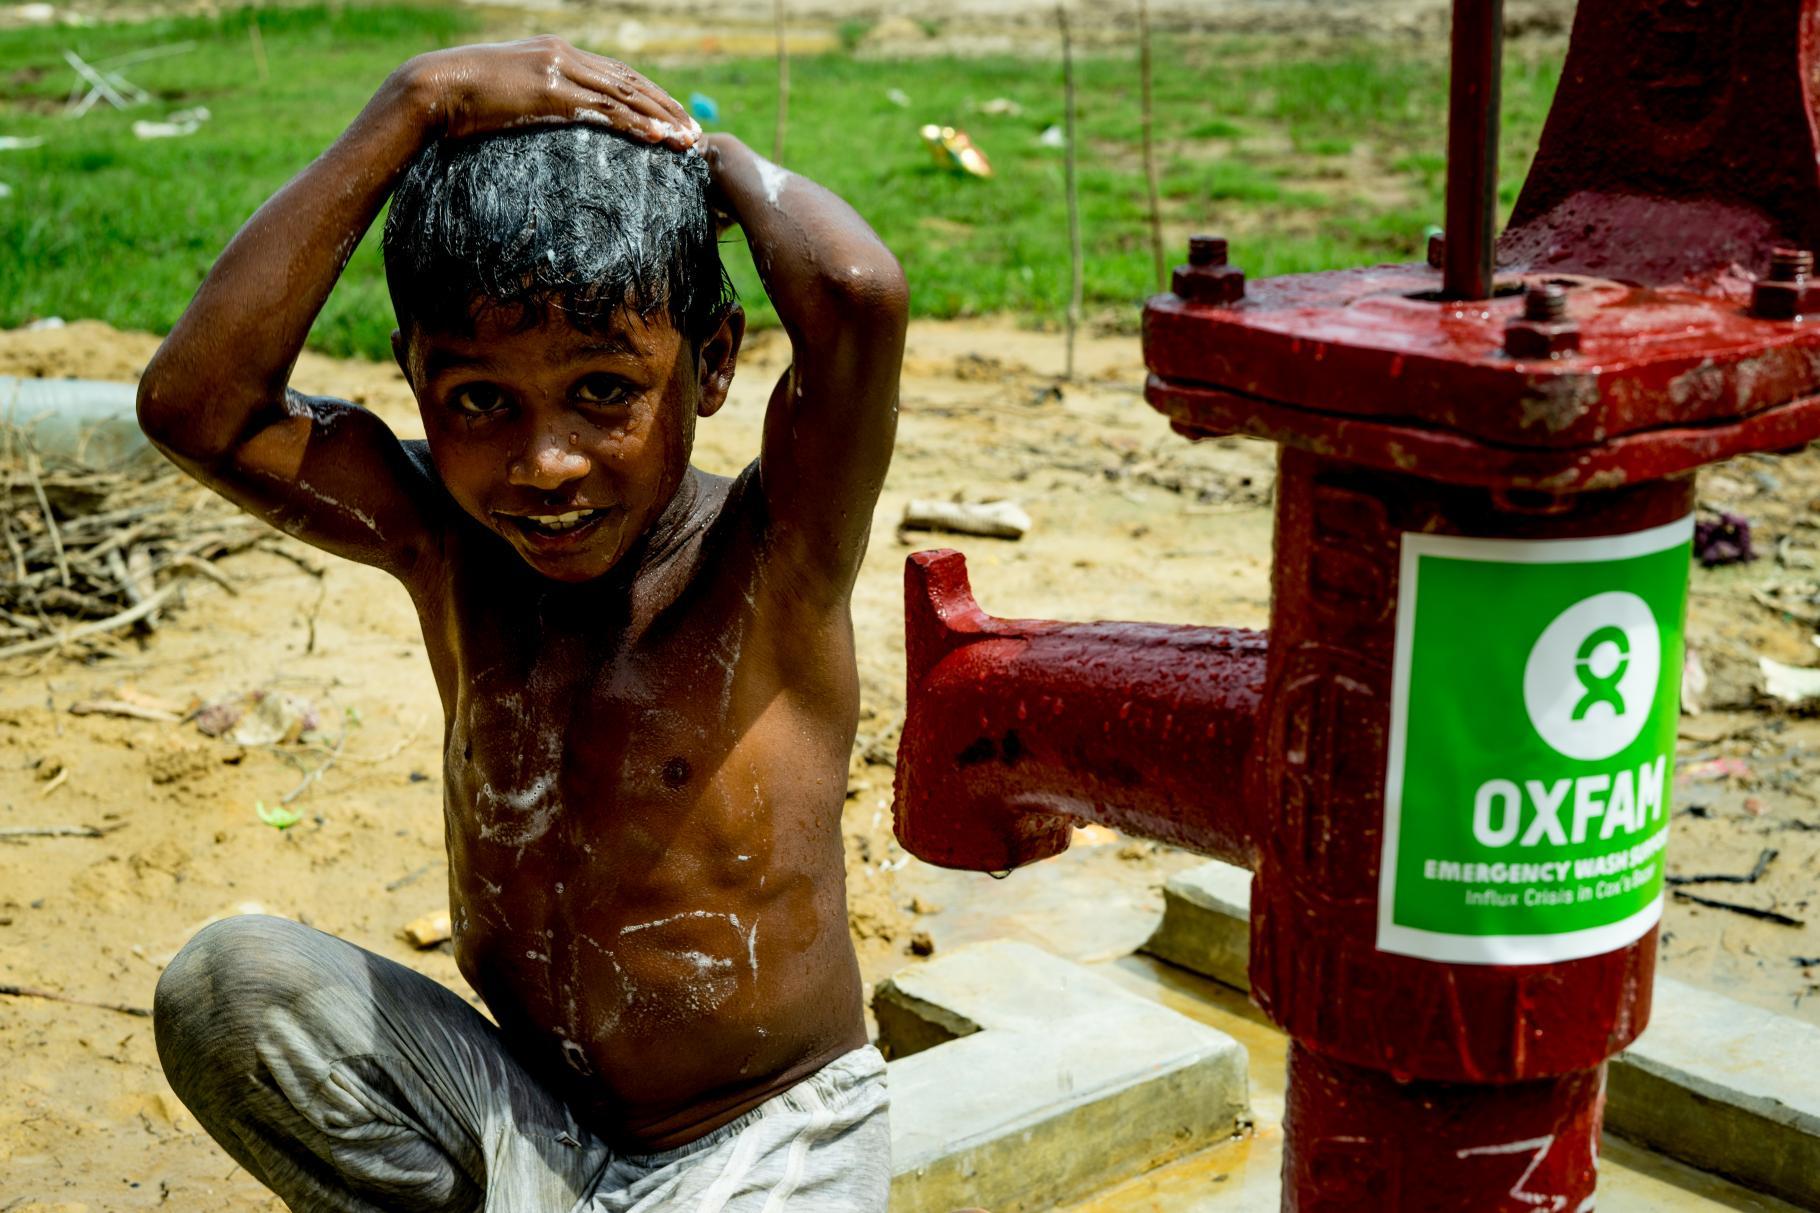 Der Junge Mohammad in Bangladesch wäscht sich an einer Wasserpumpe